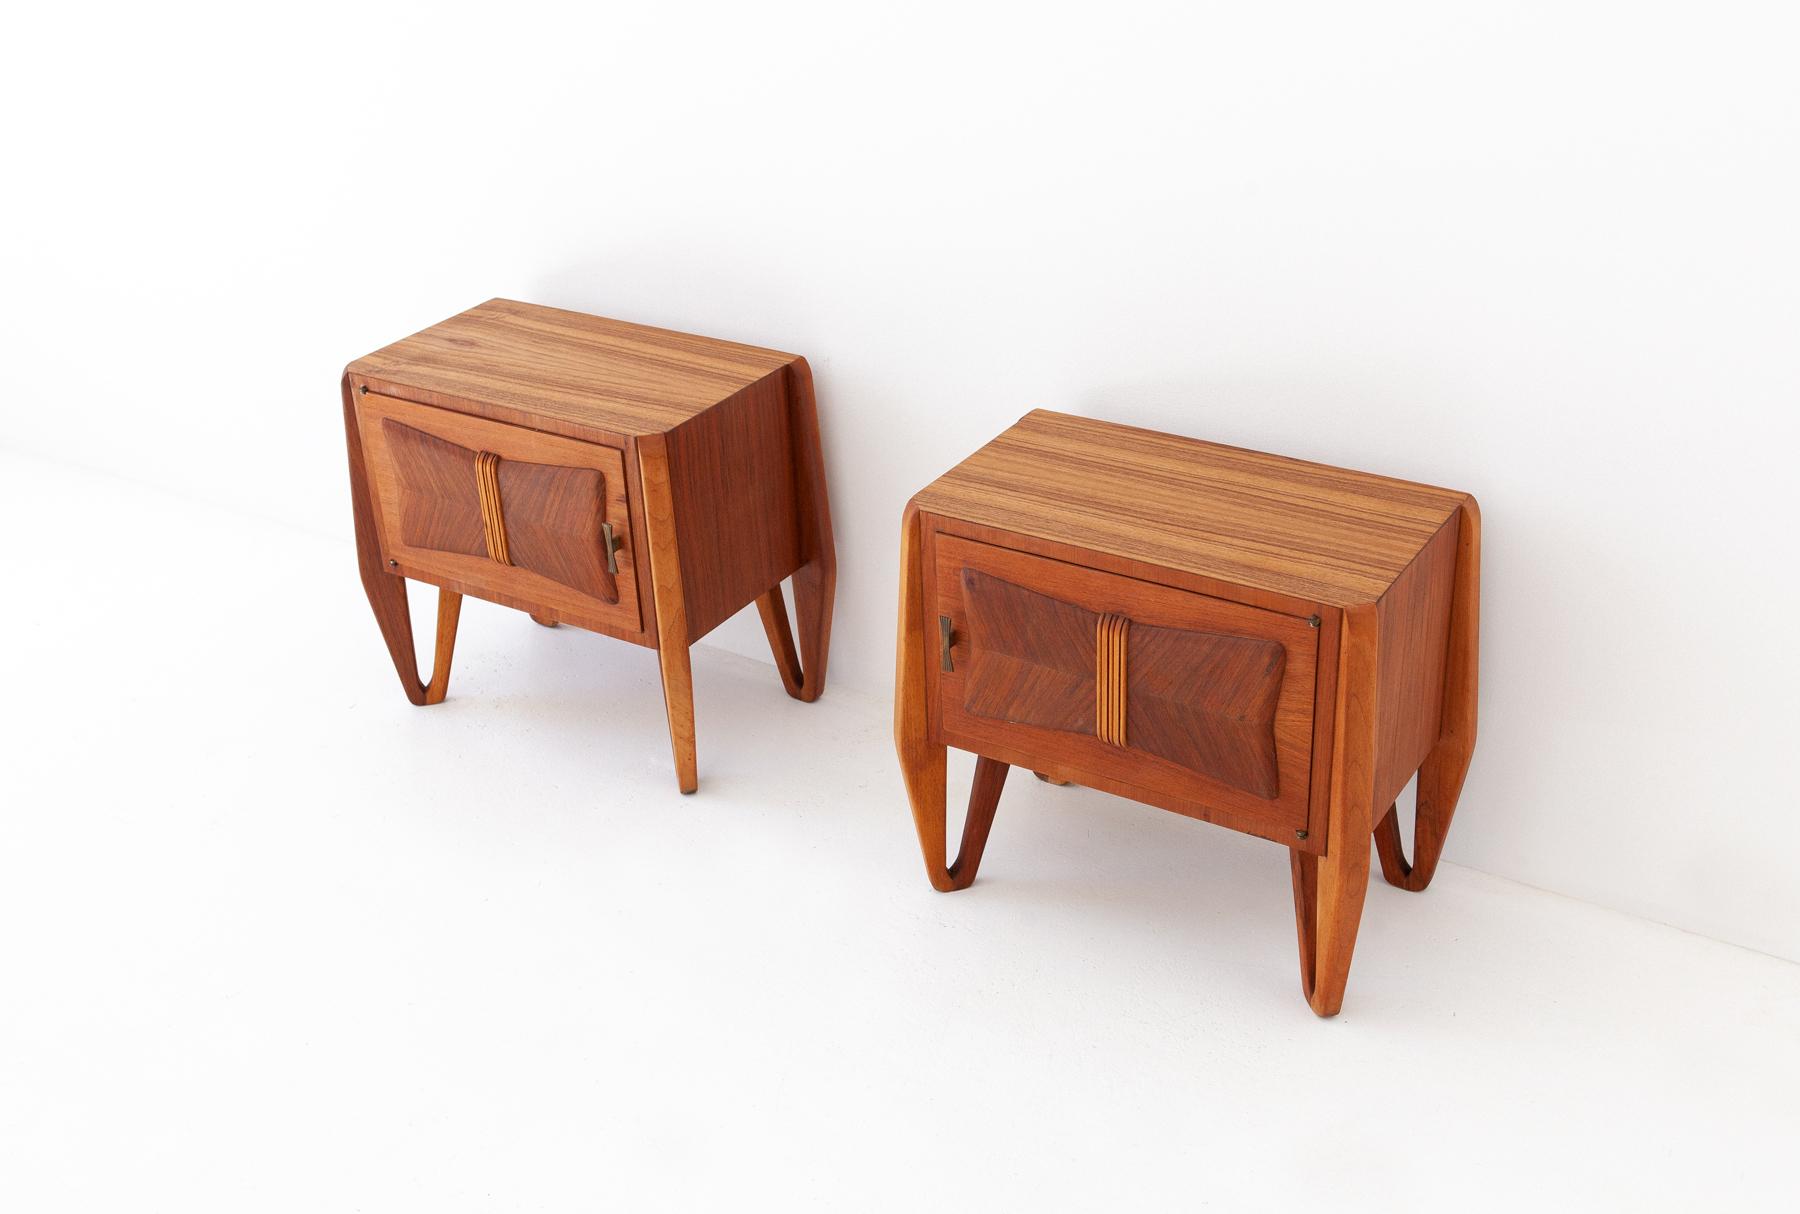 1950s-italian-teak-nightstands-5-bt79